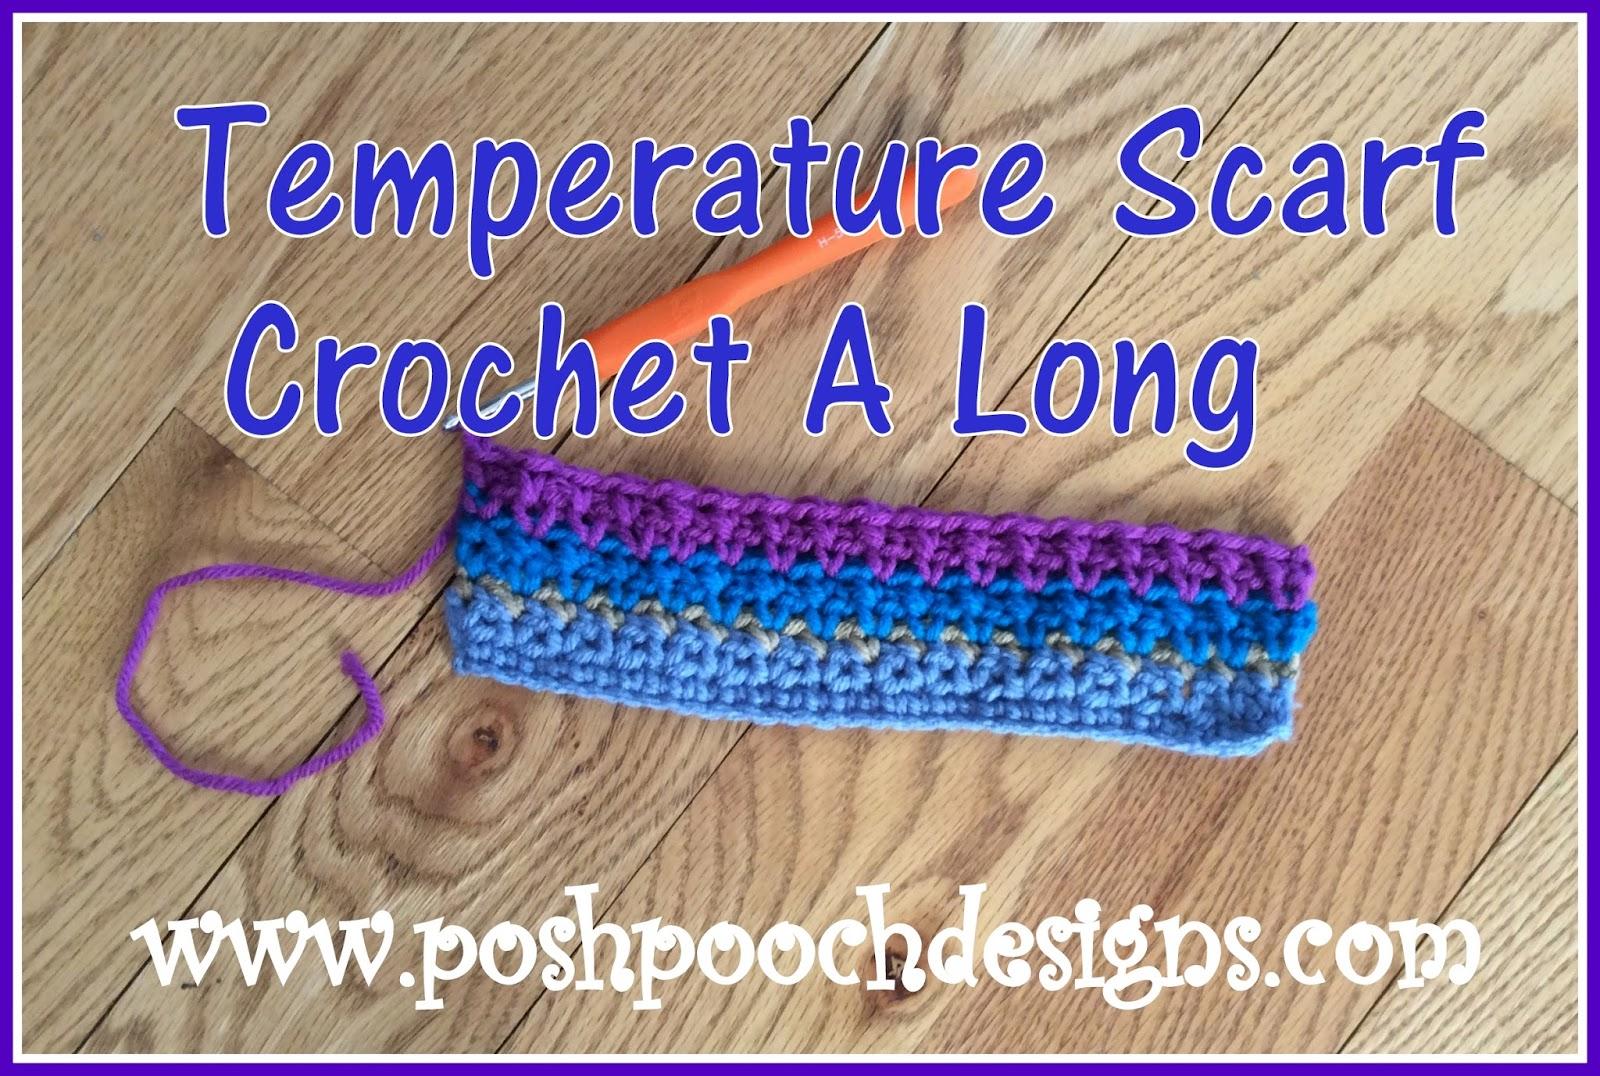 Posh Pooch Designs Dog Clothes My Temperature Scarf 2017 Crochet